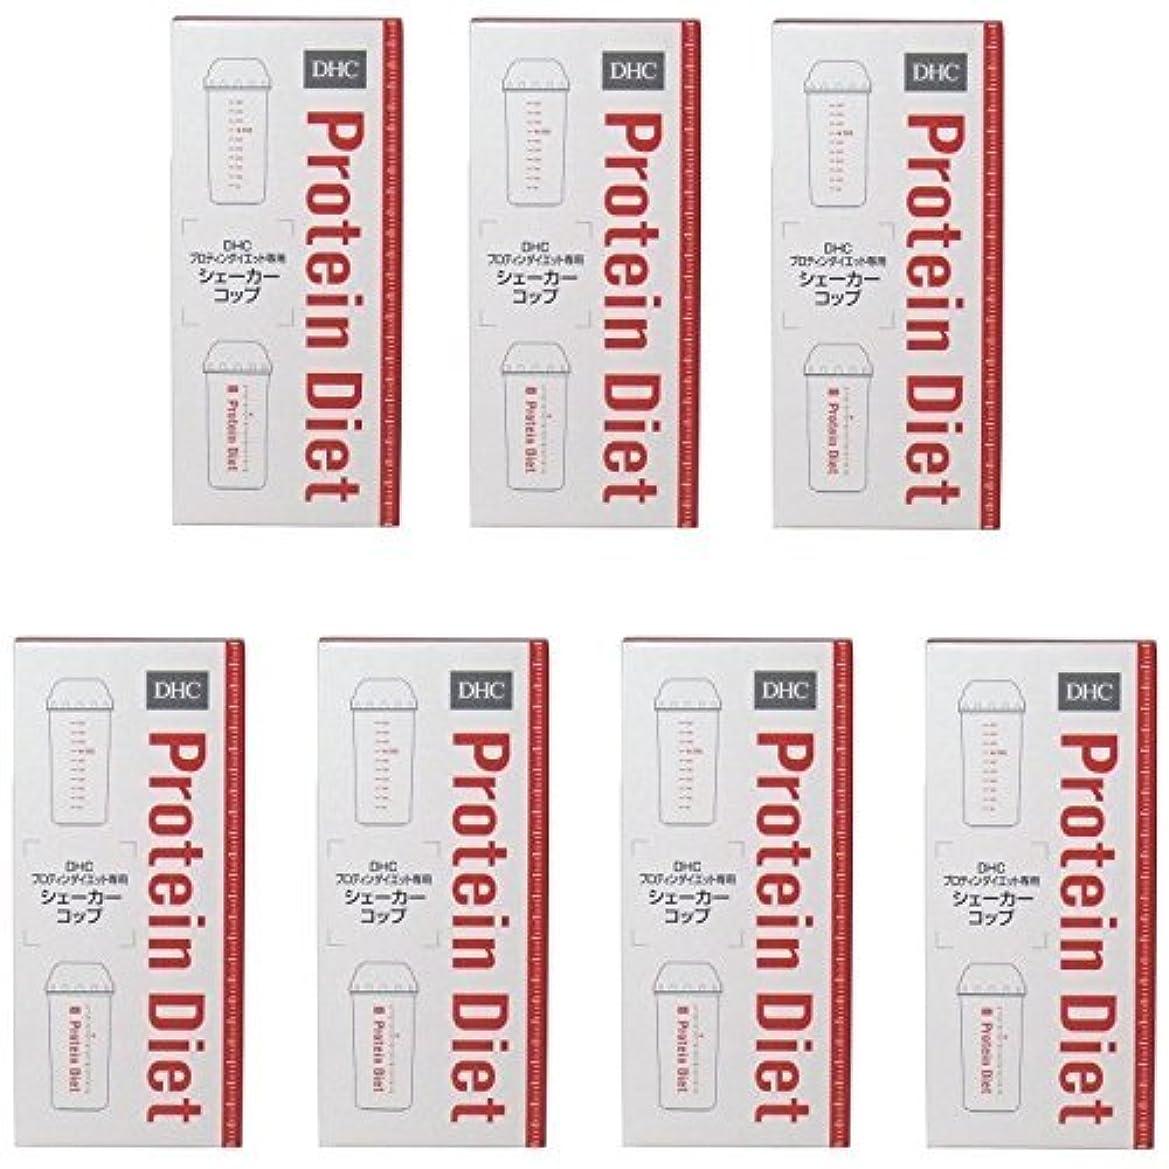 教えてスチール熱意【まとめ買い】DHC プロティンダイエット専用シェーカーコップ 1個【×7セット】